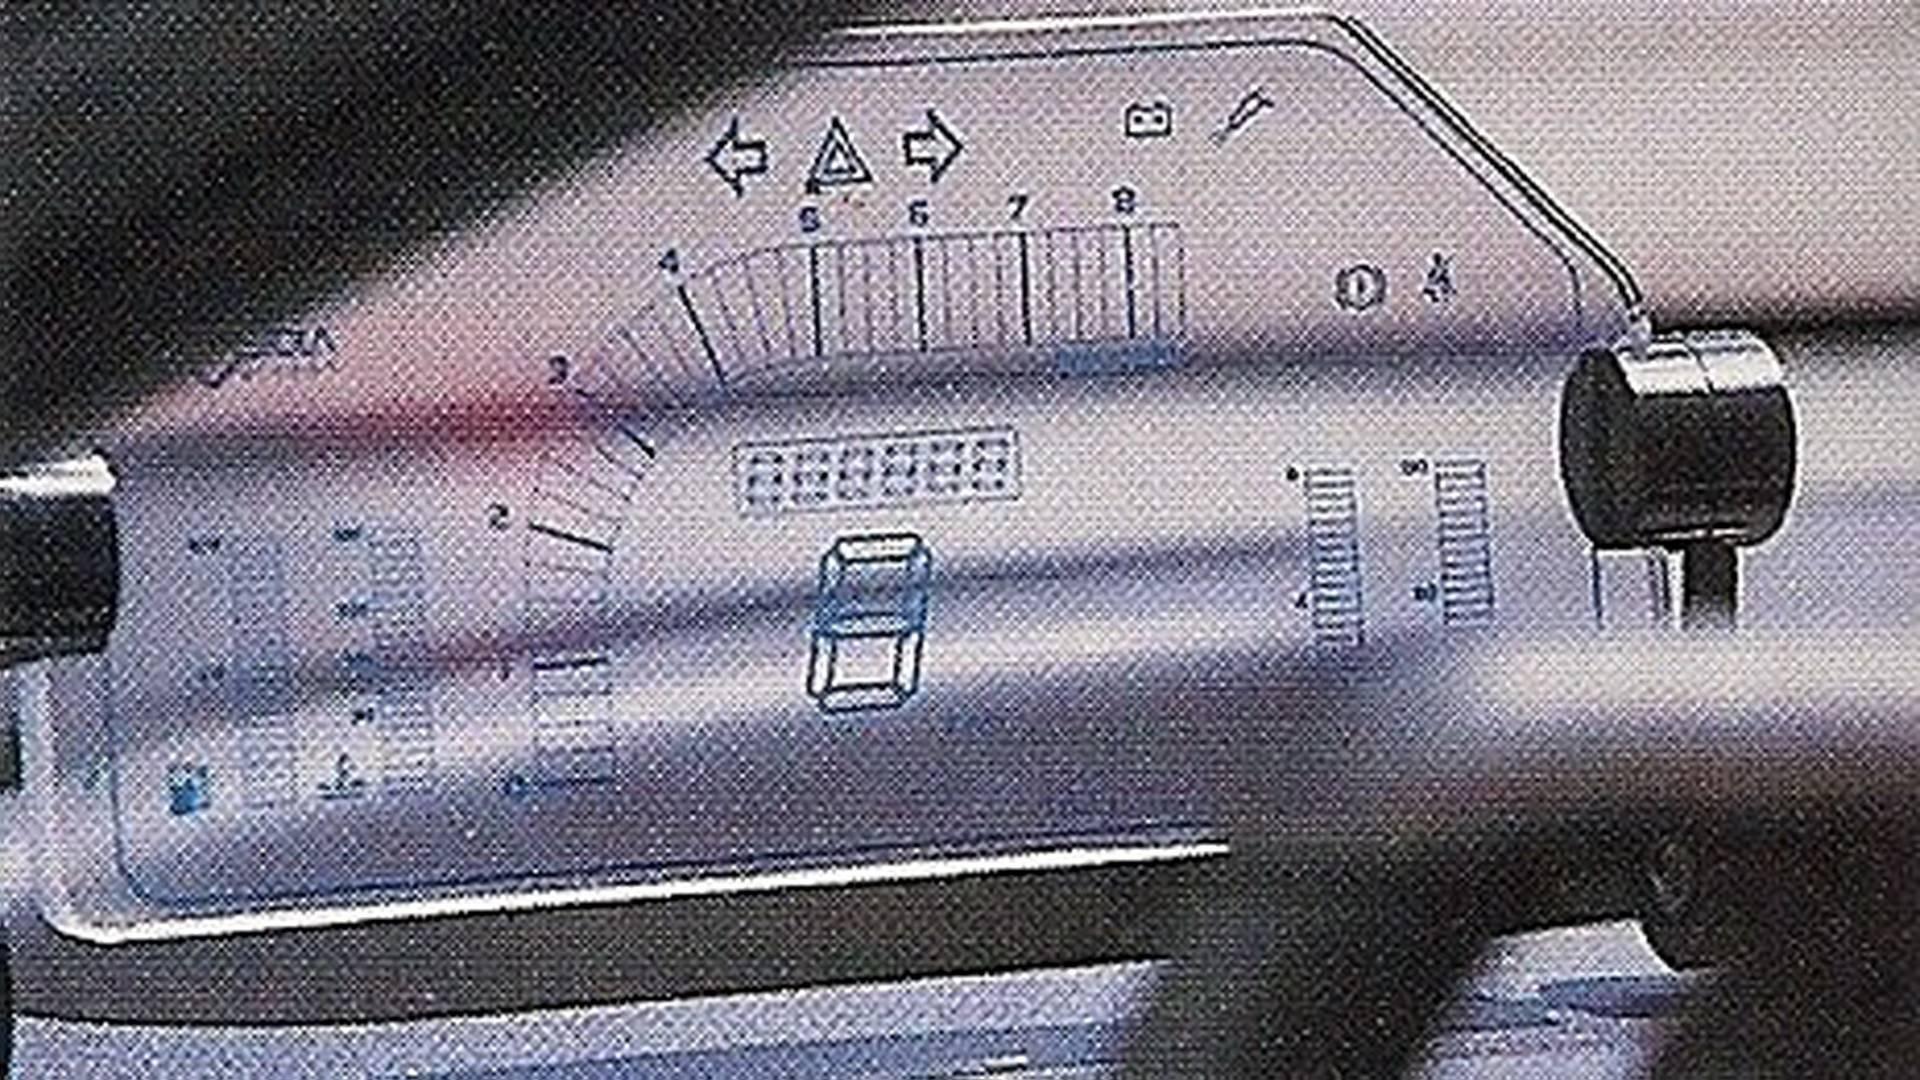 2000-stola-s81-stratos-concept11